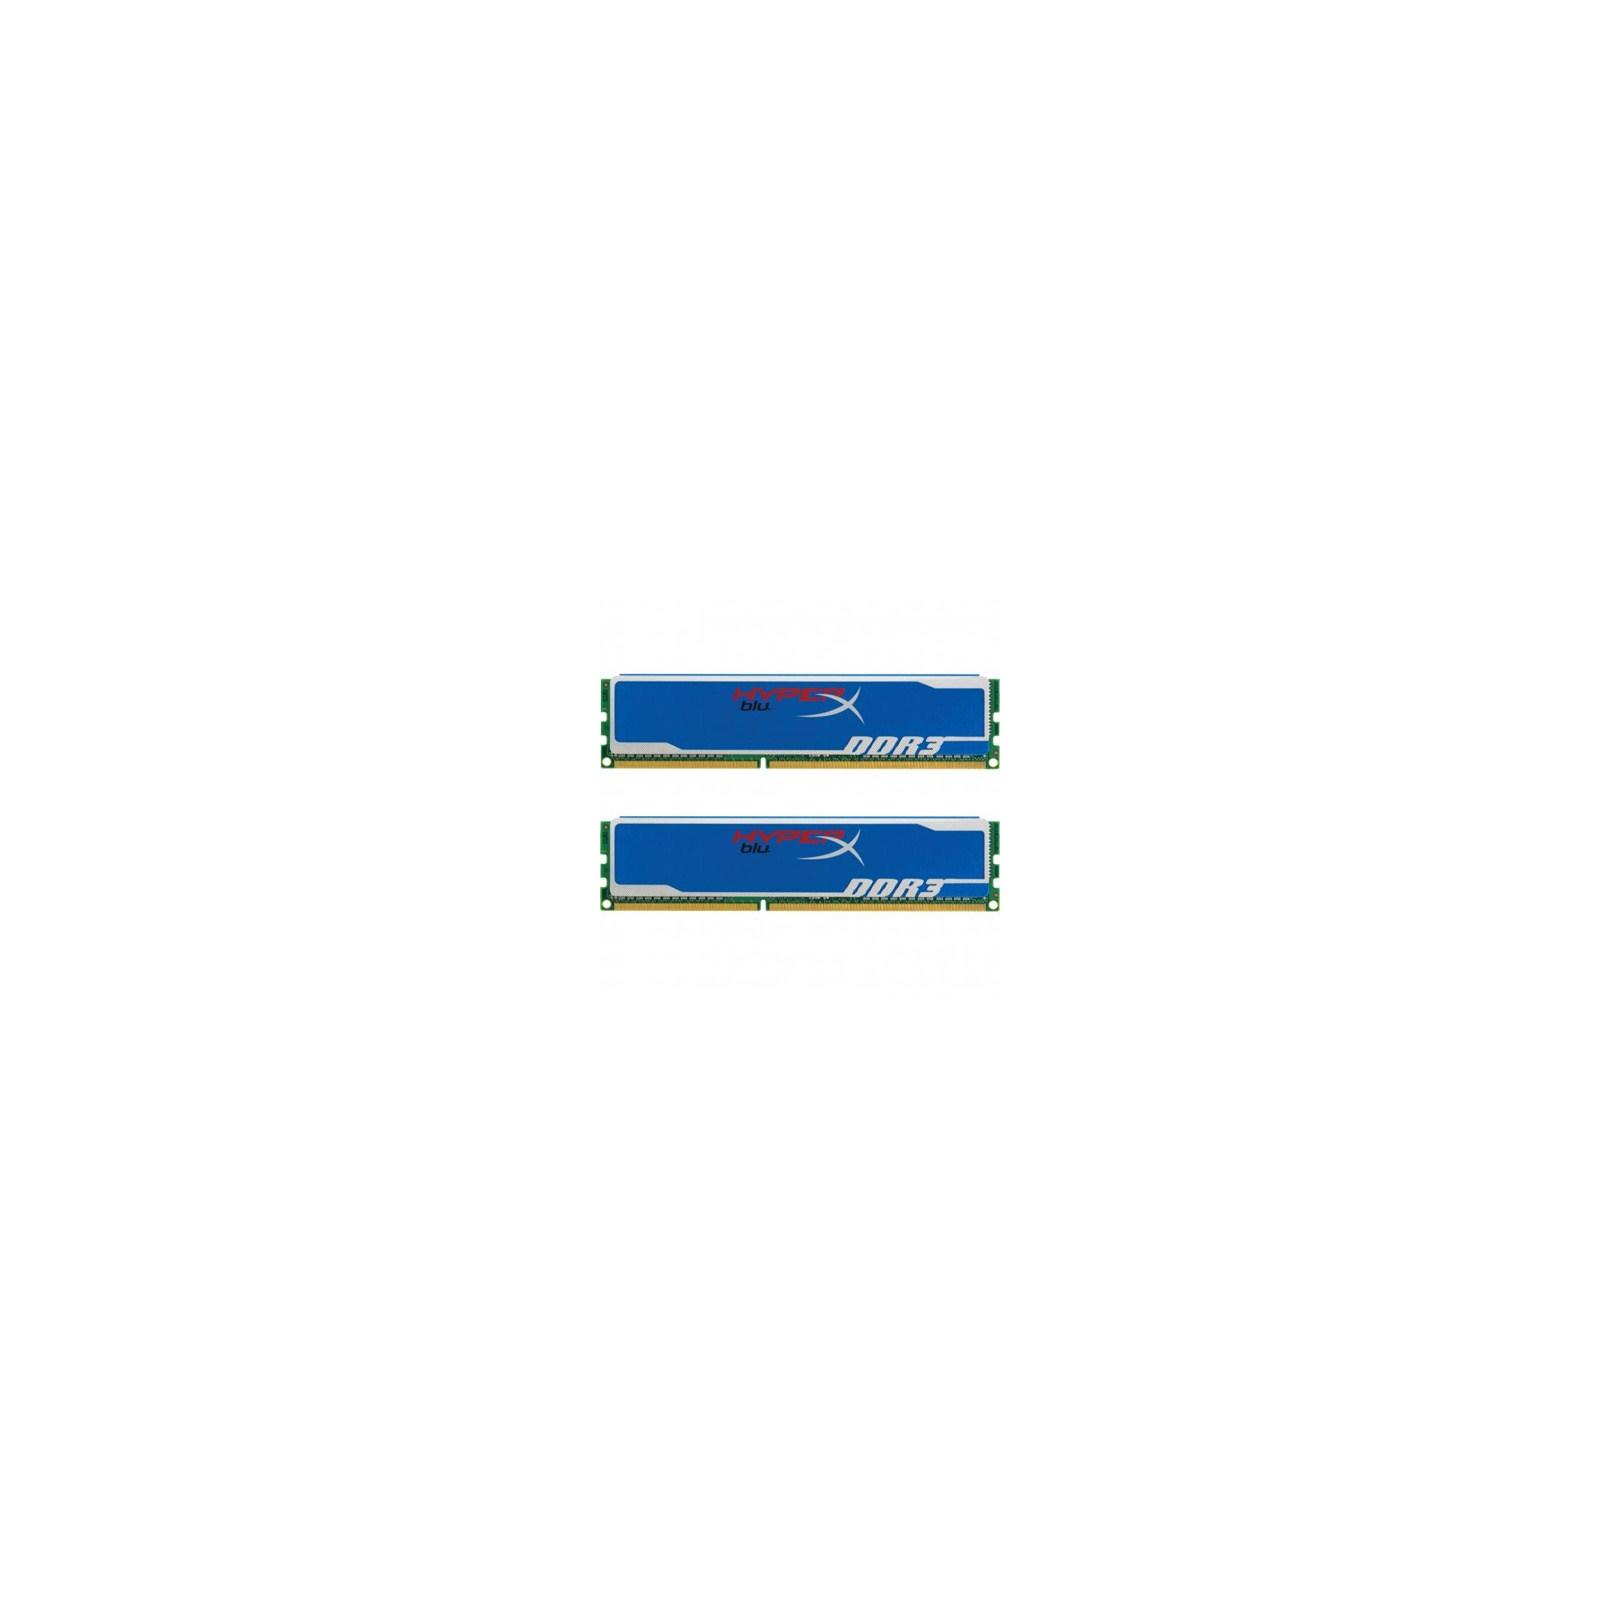 Модуль памяти для компьютера DDR3 8GB (2x4GB) 1333 MHz Kingston (KHX13C9B1BK2/8)